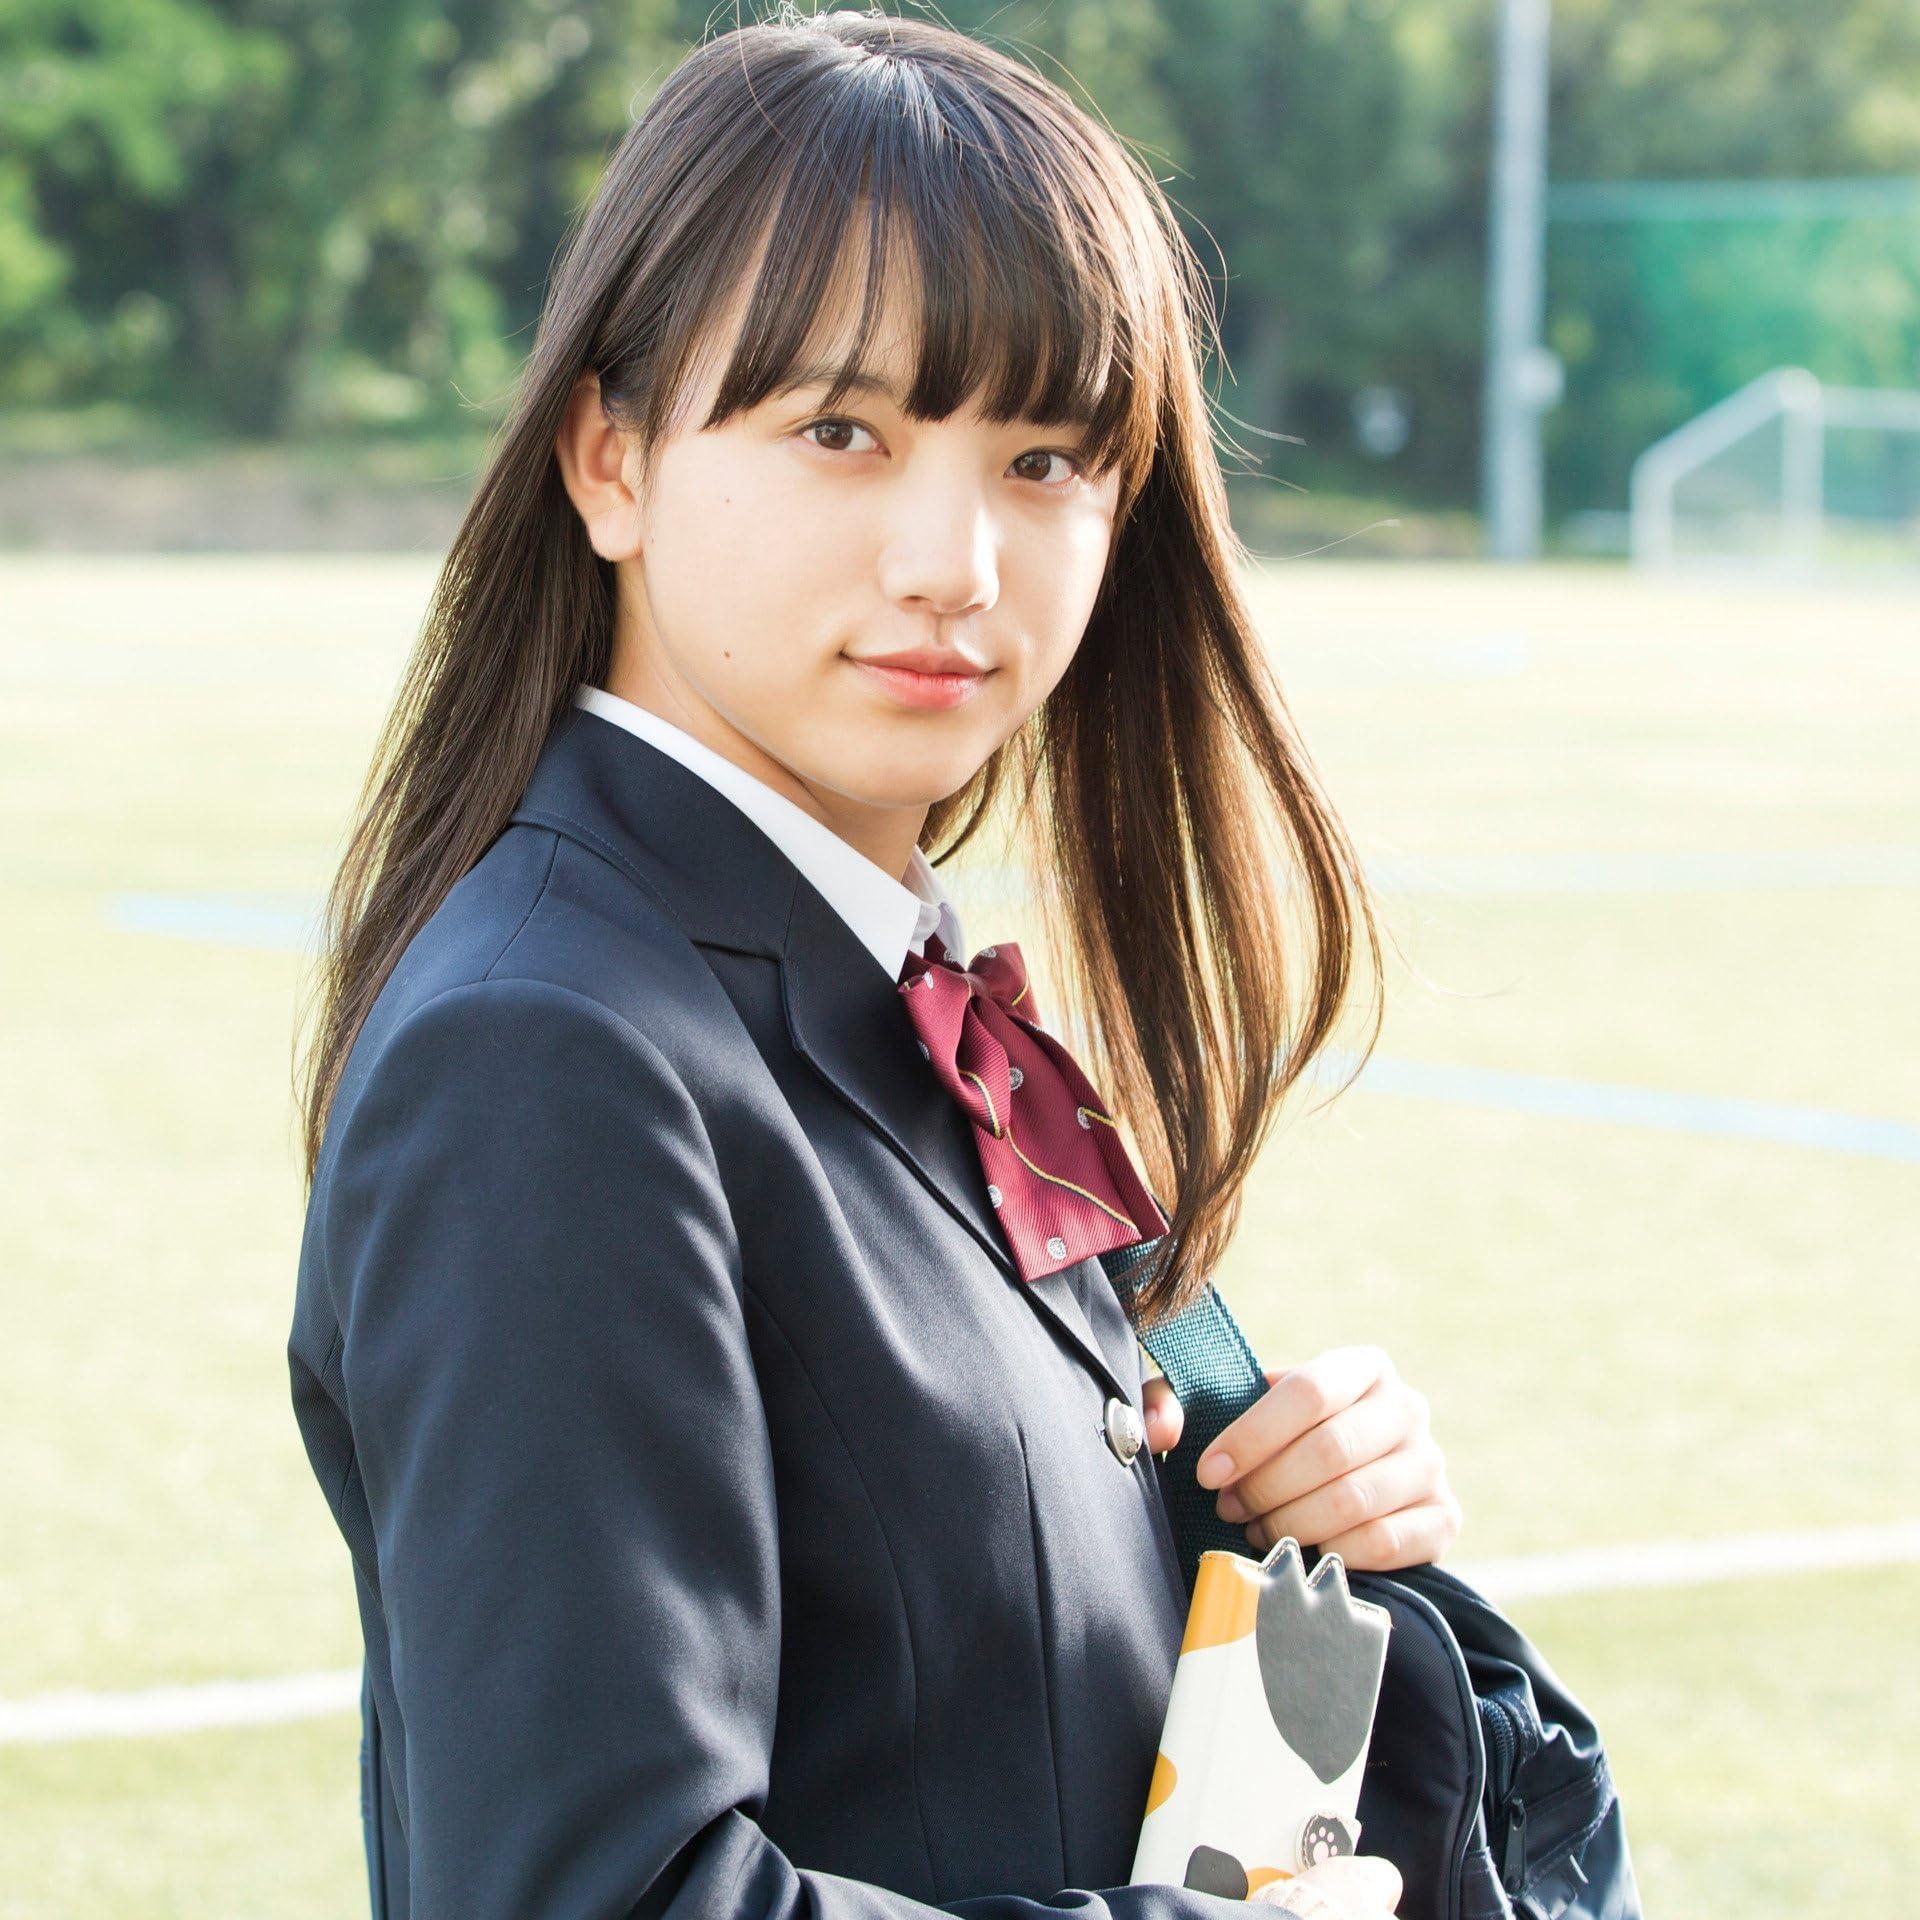 清原果耶 Ipad壁紙 女子高生の樫村一期 制服 女性タレント スマホ用